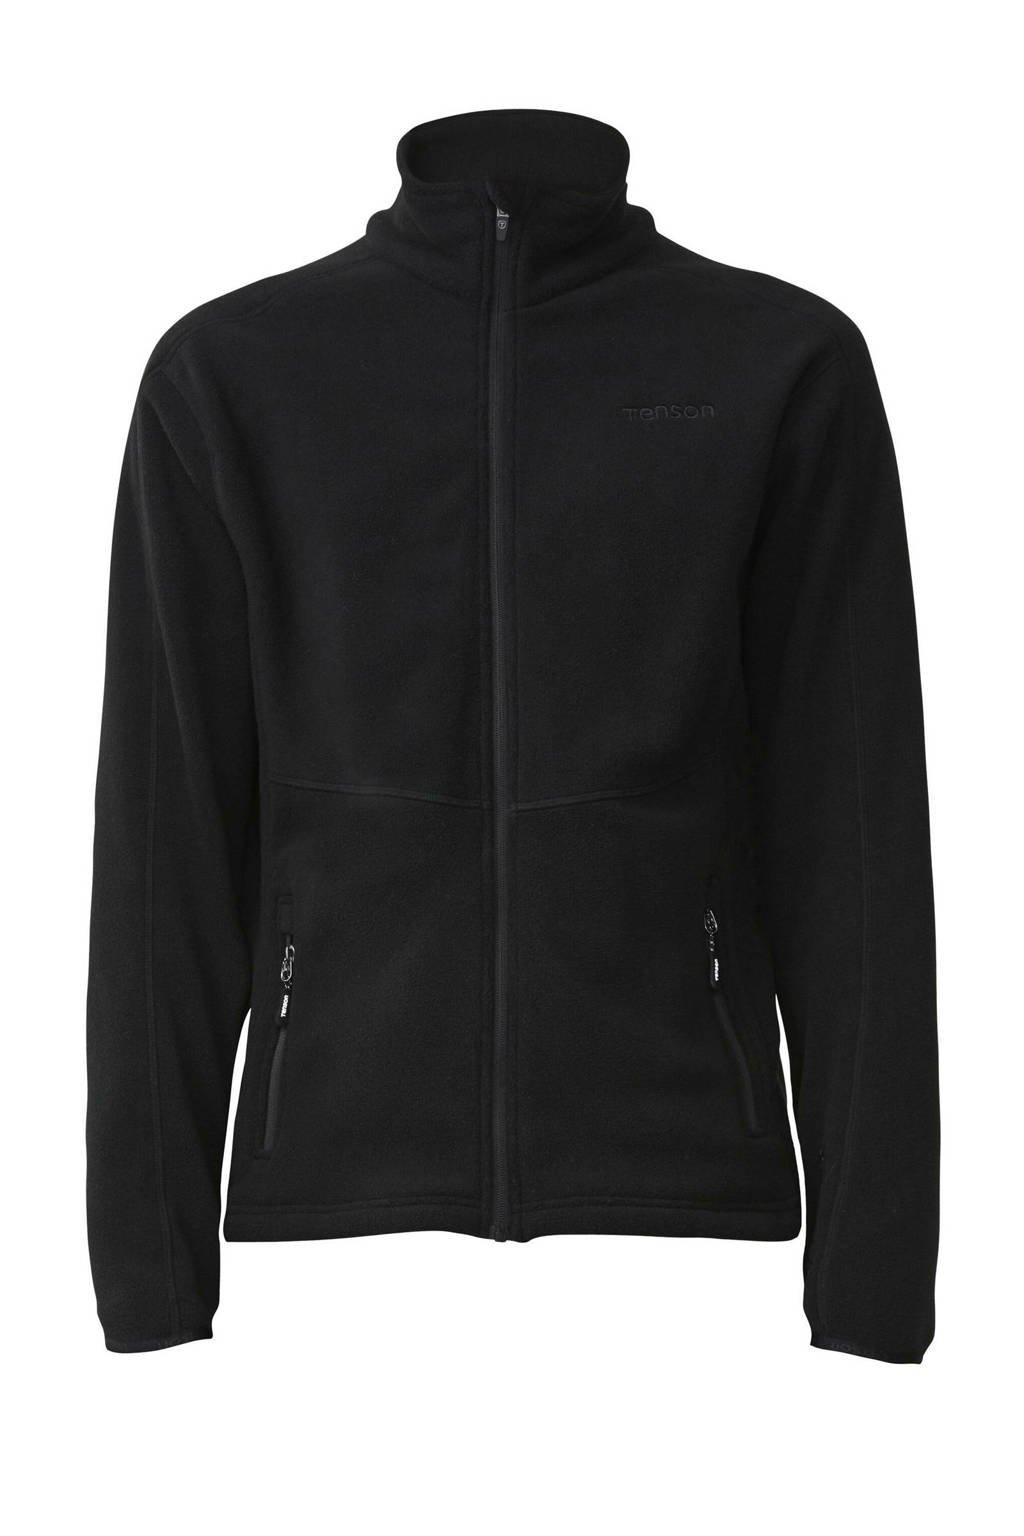 Tenson outdoor fleece vest Miracle zwart, Zwart